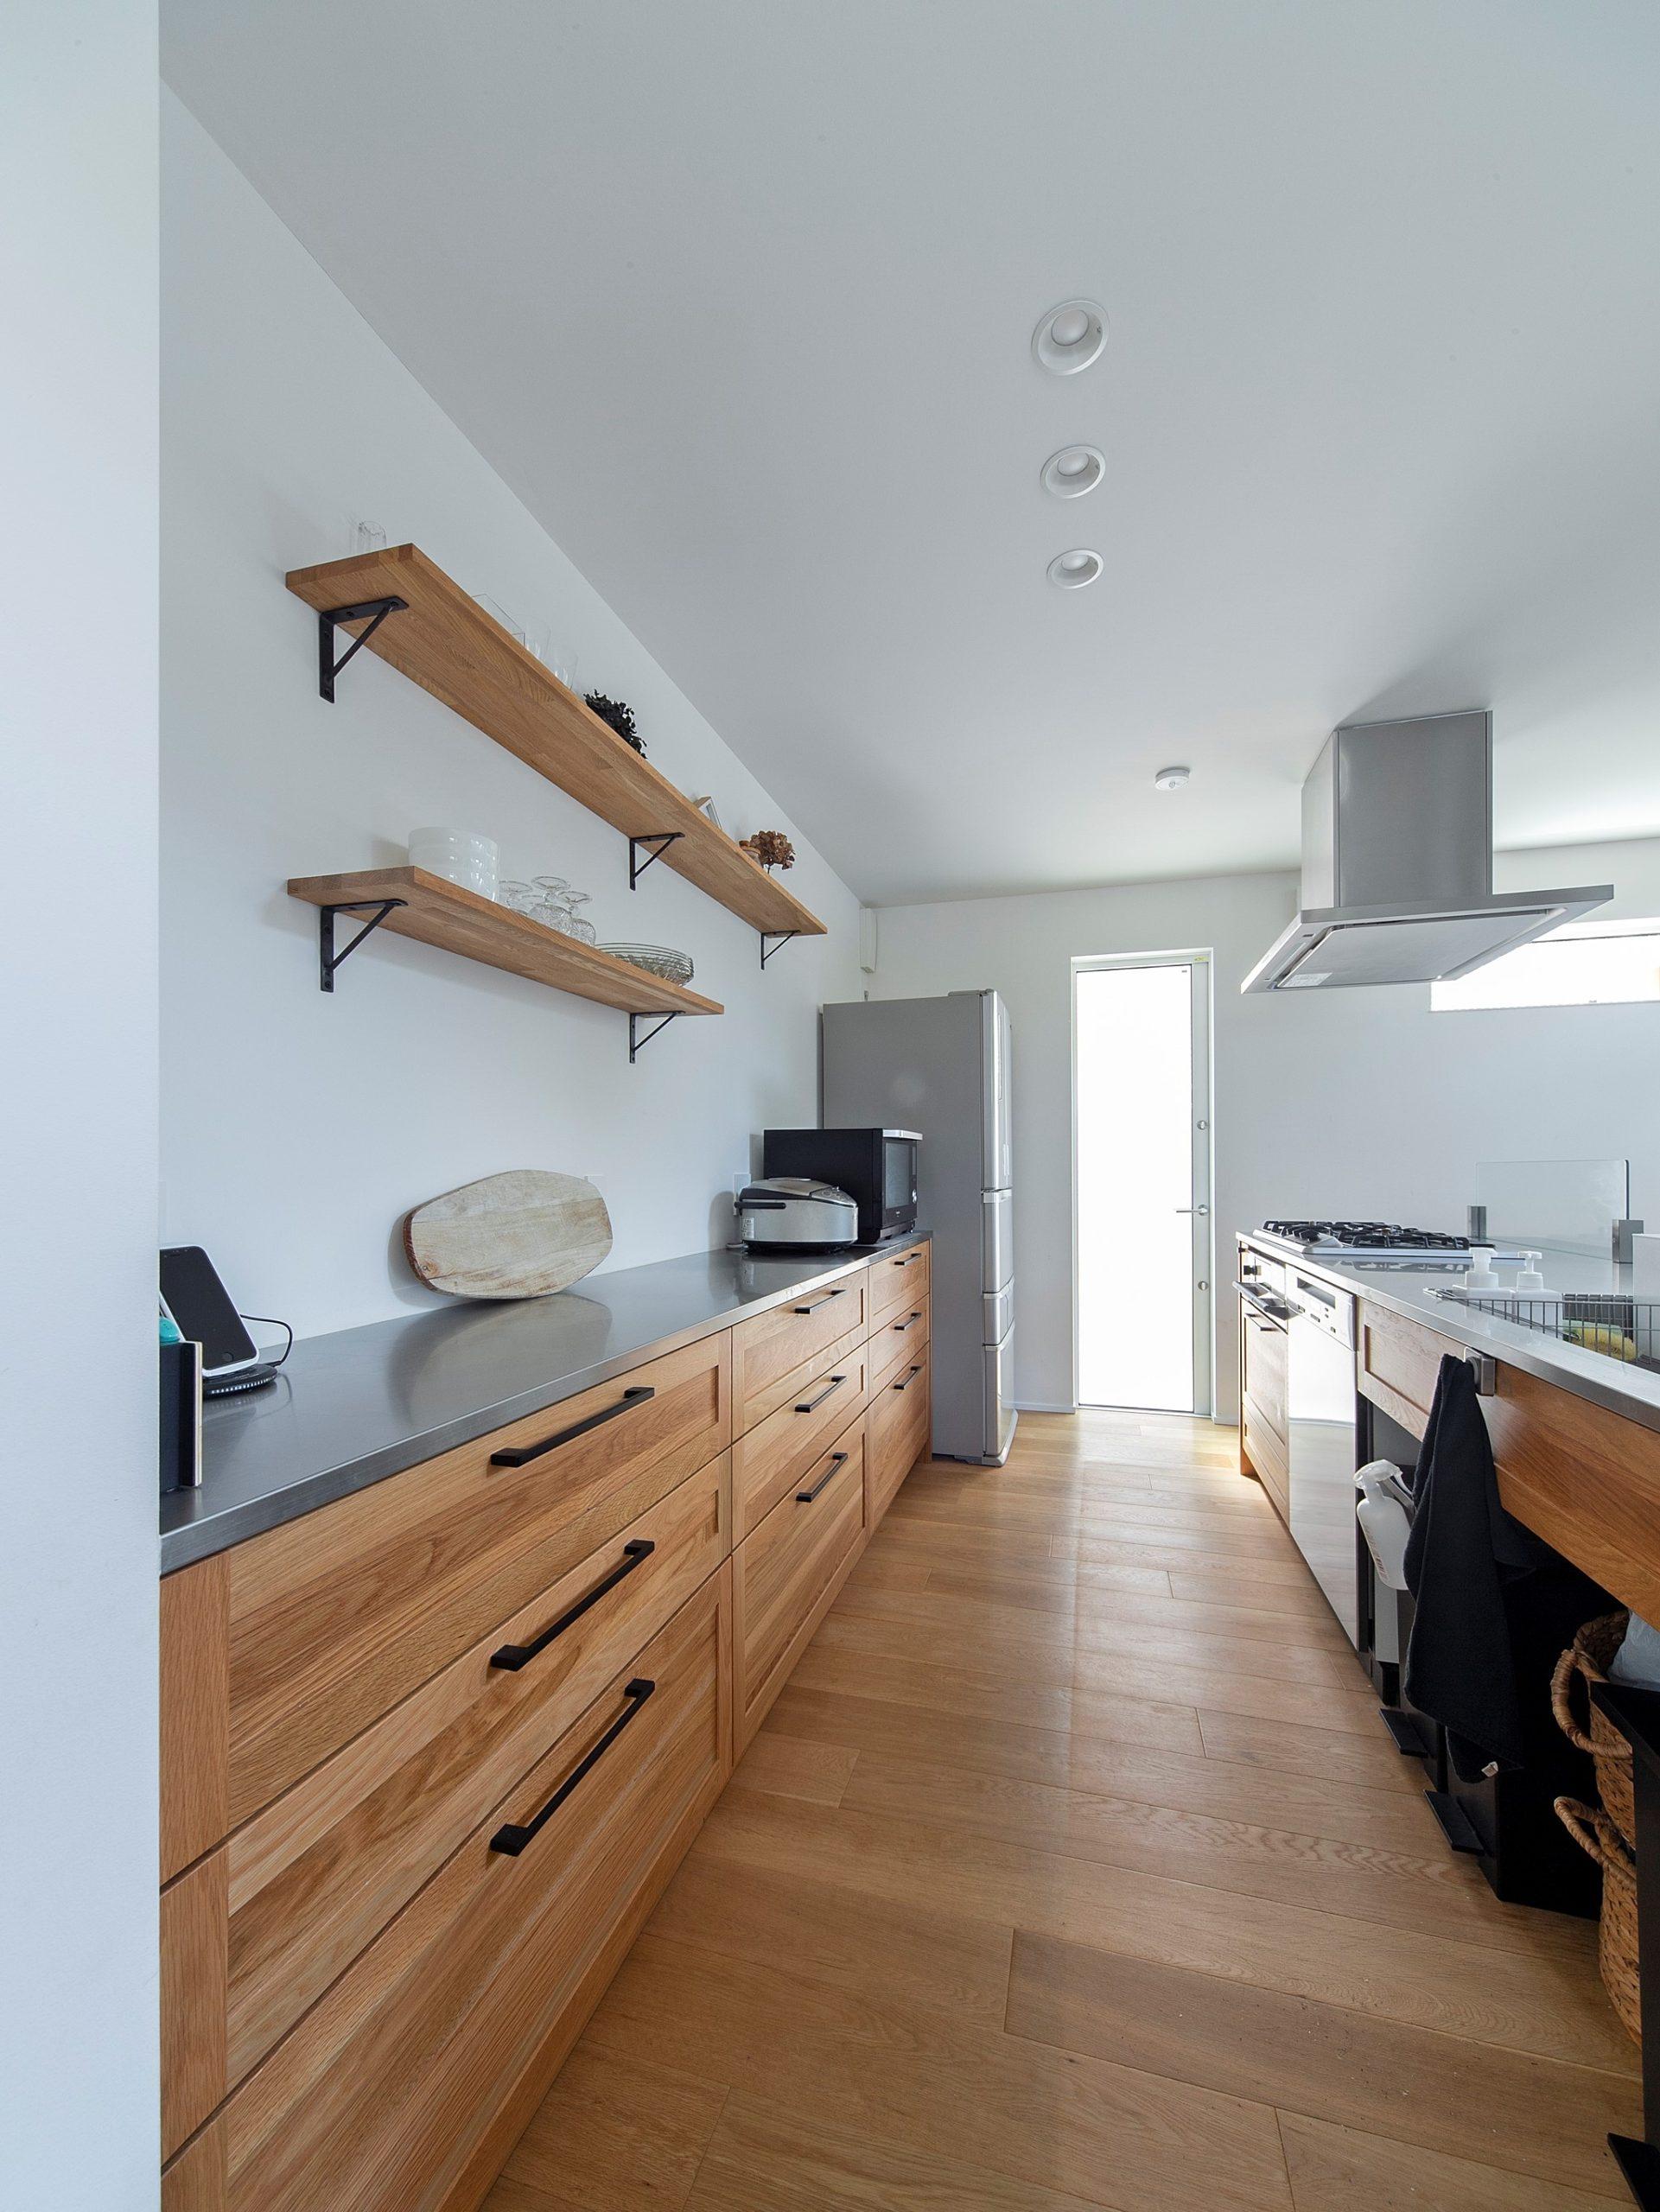 キッチン収納は引出しで奥まで余さず、使いやすく